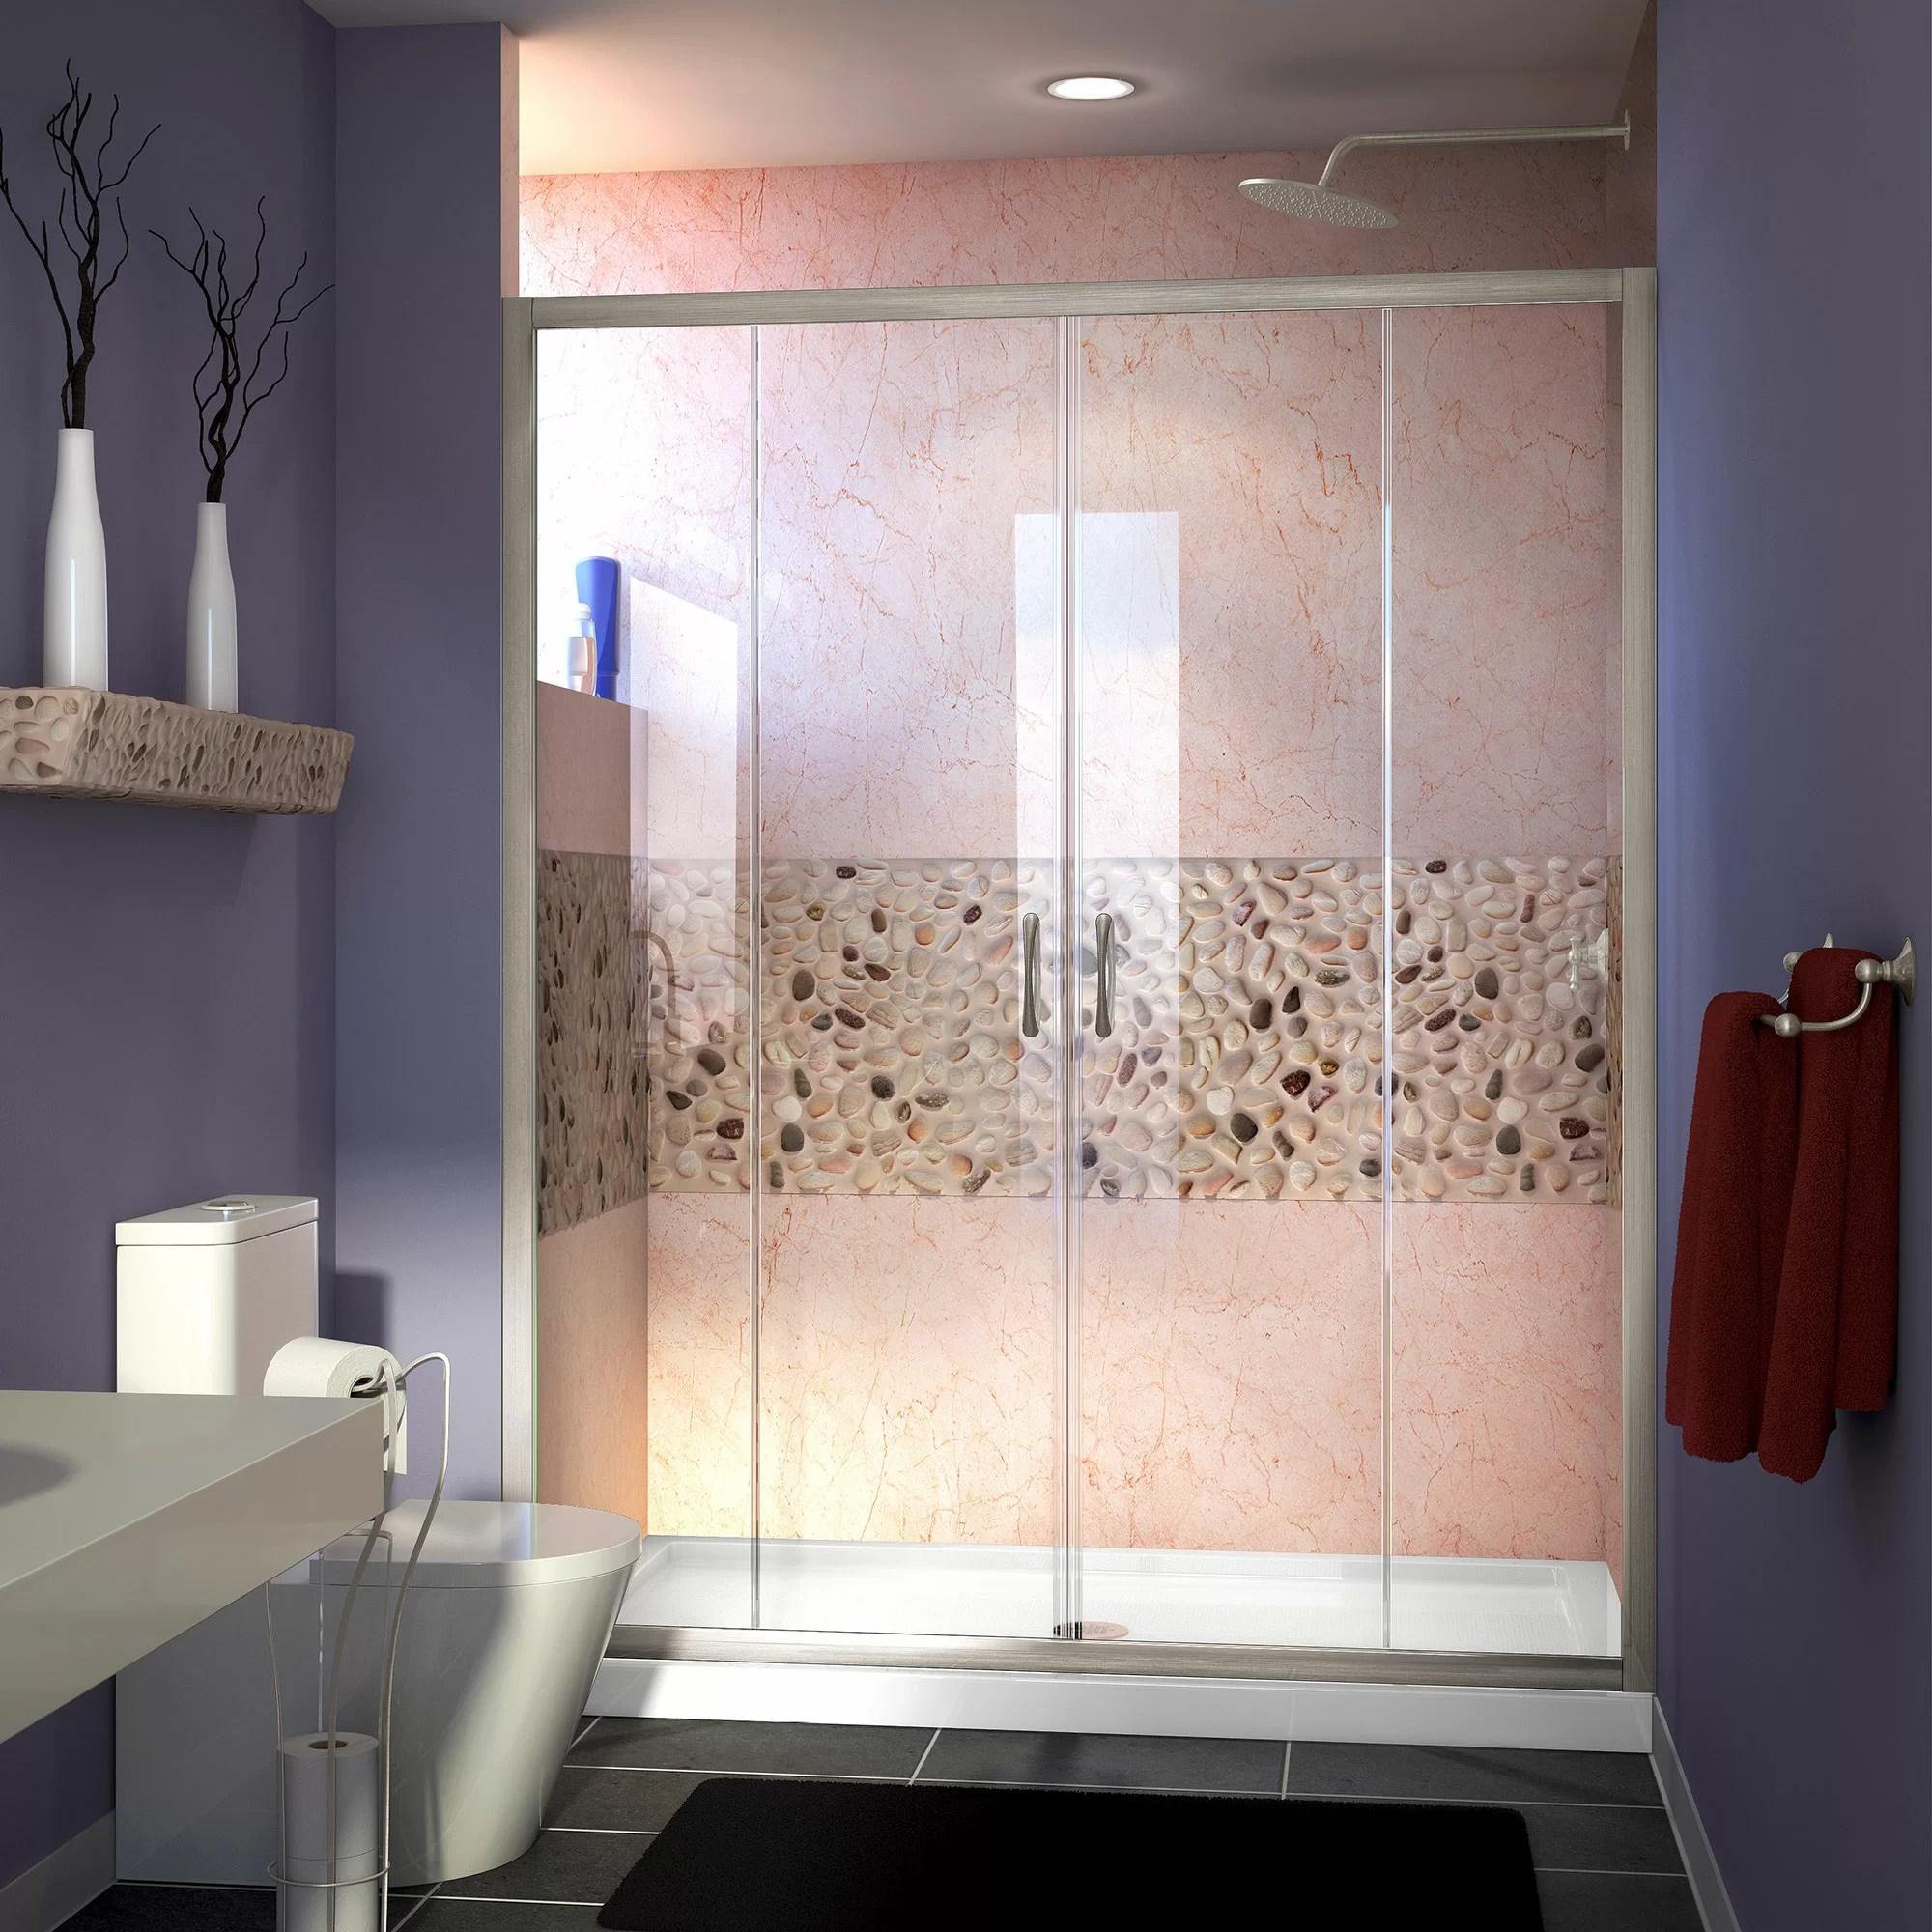 Visions 60 X 72 Double Sliding Semi Frameless Shower Door